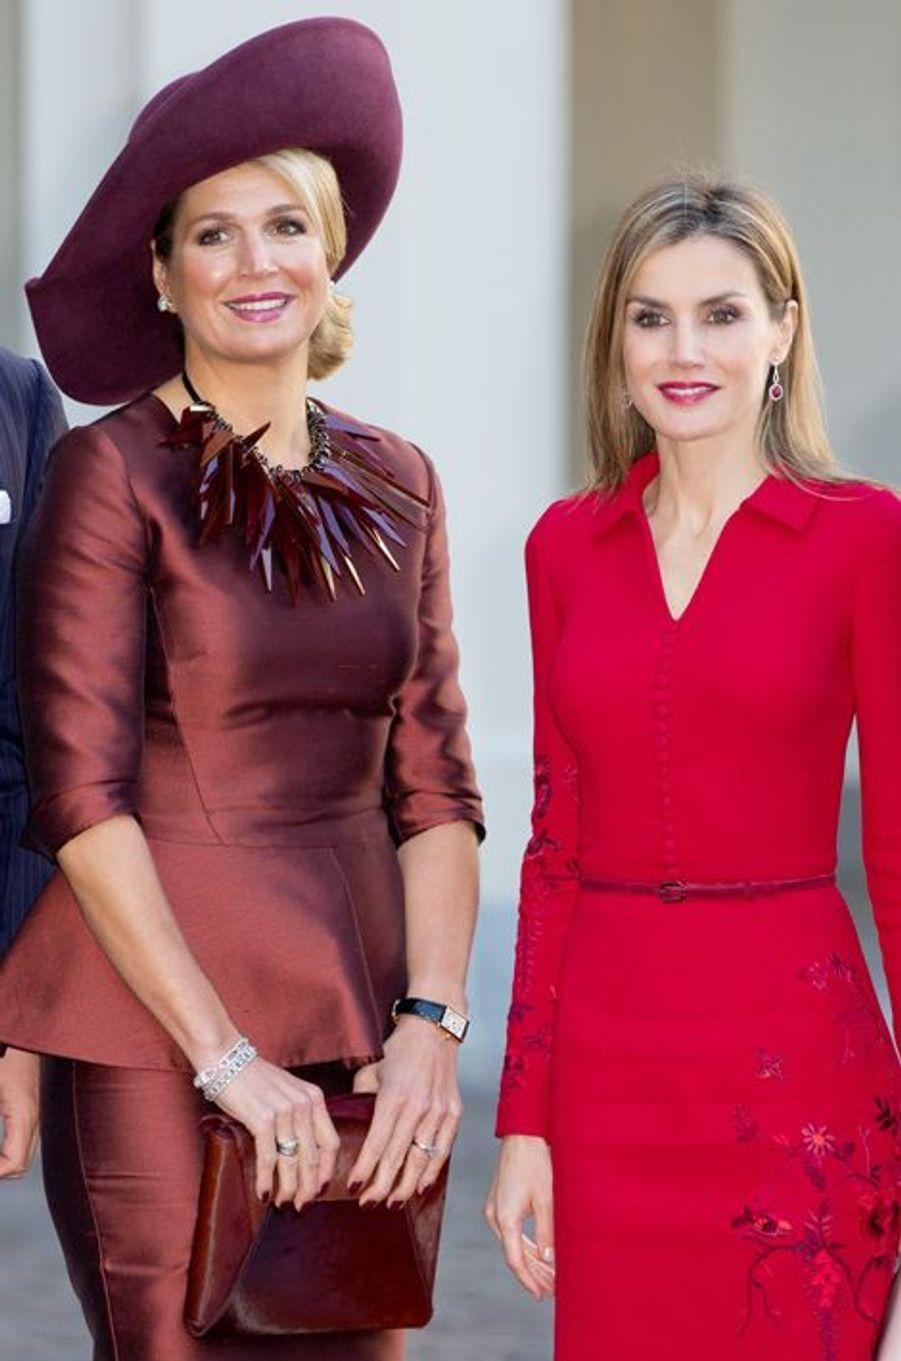 La reine Maxima des Pays-Bas et la reine Letizia d'Espagne à La Haye, le 15 octobre 2014